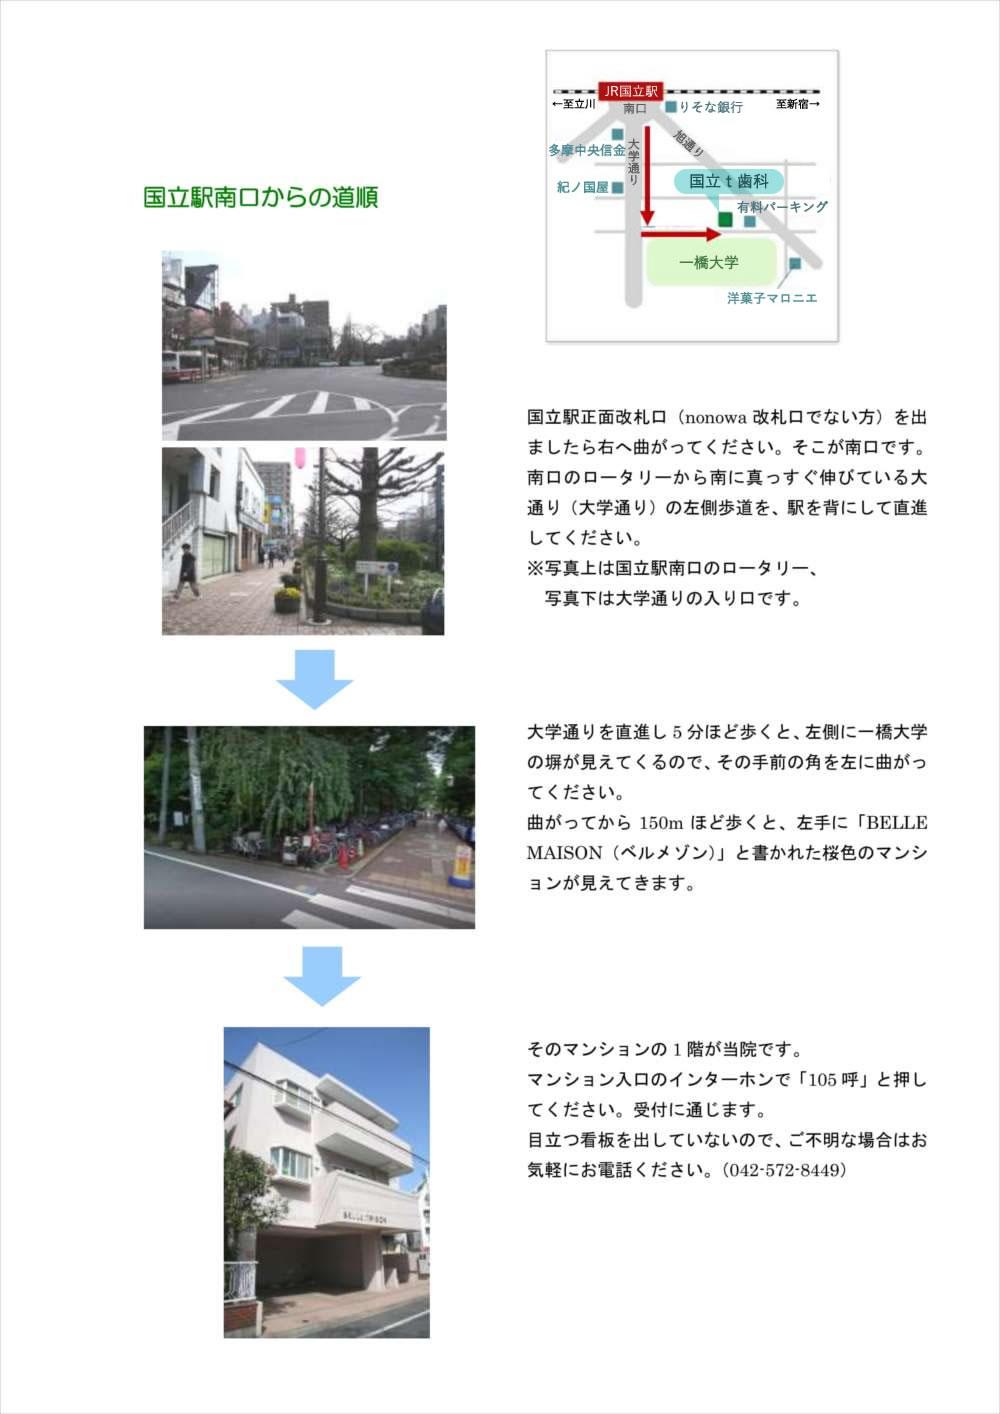 壱番館デンタルオフィスまでの地図